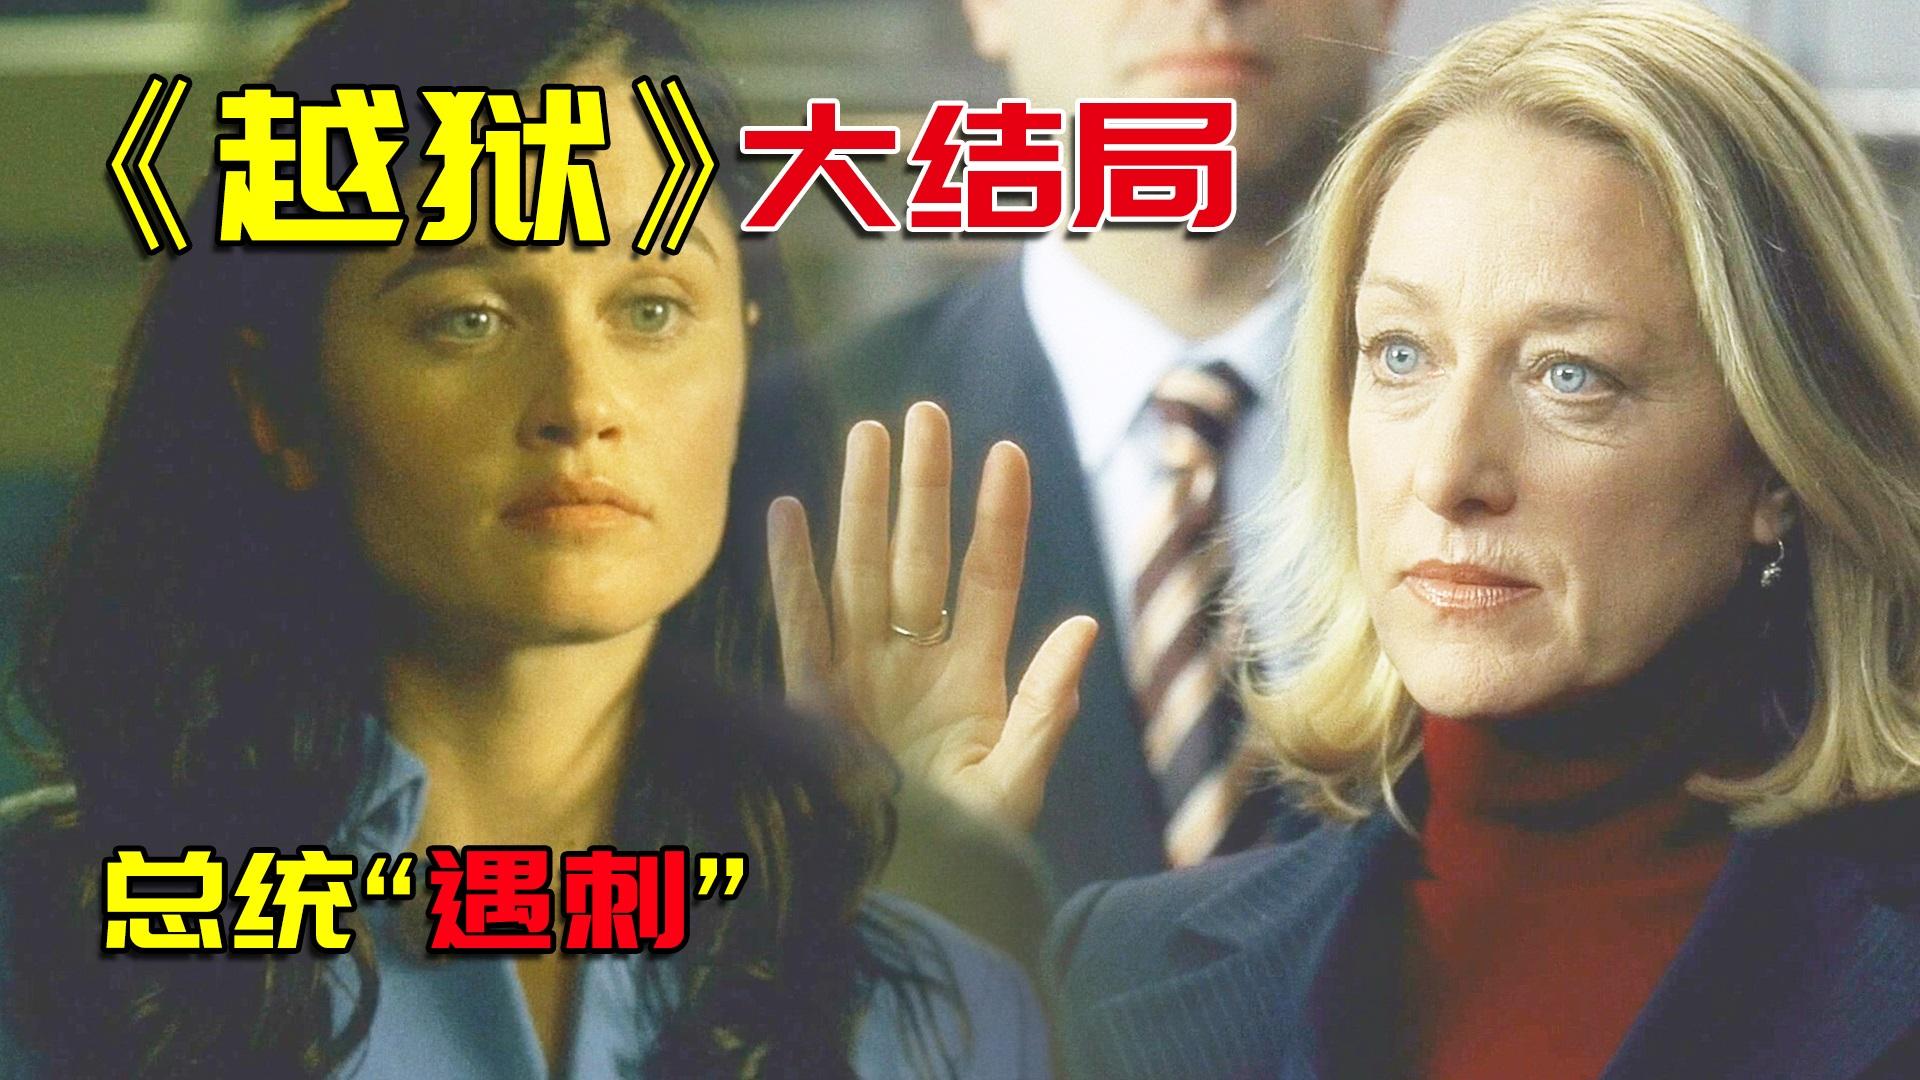 美剧《越狱》大结局,美国总统被毒身亡,律师发现隐藏秘密